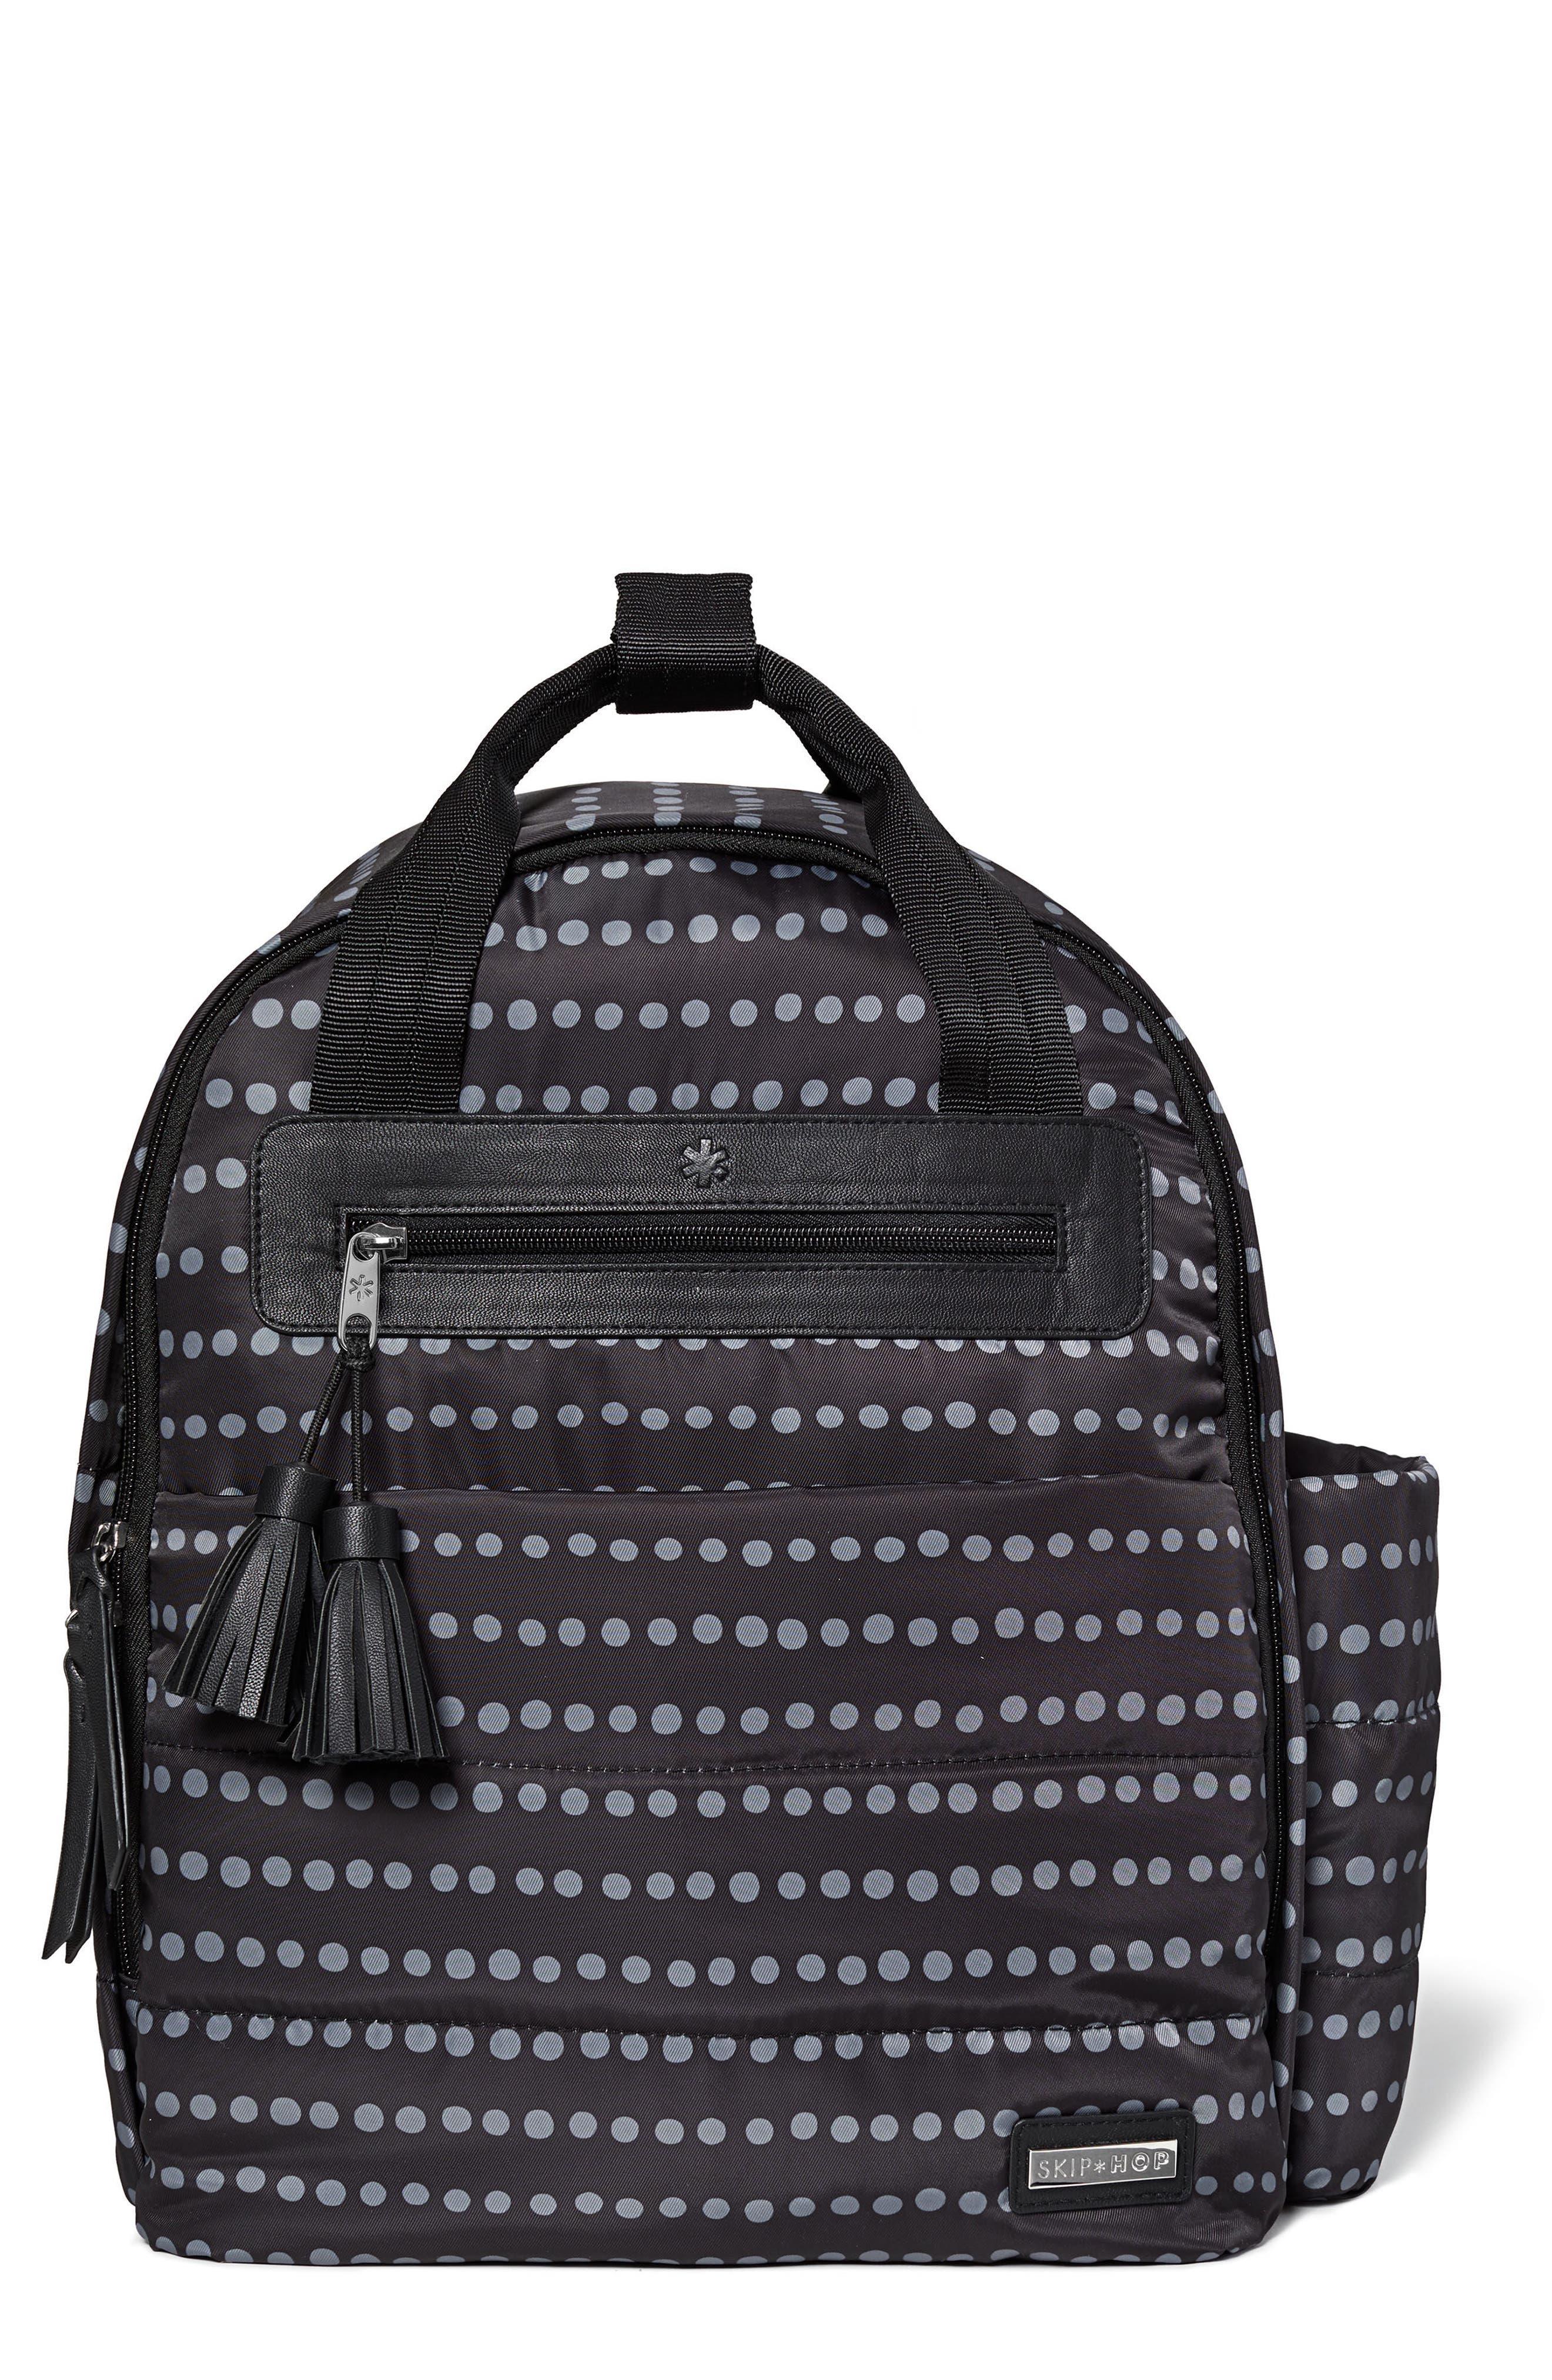 0e360463db3aec Skip Hop Diaper Bags | Nordstrom